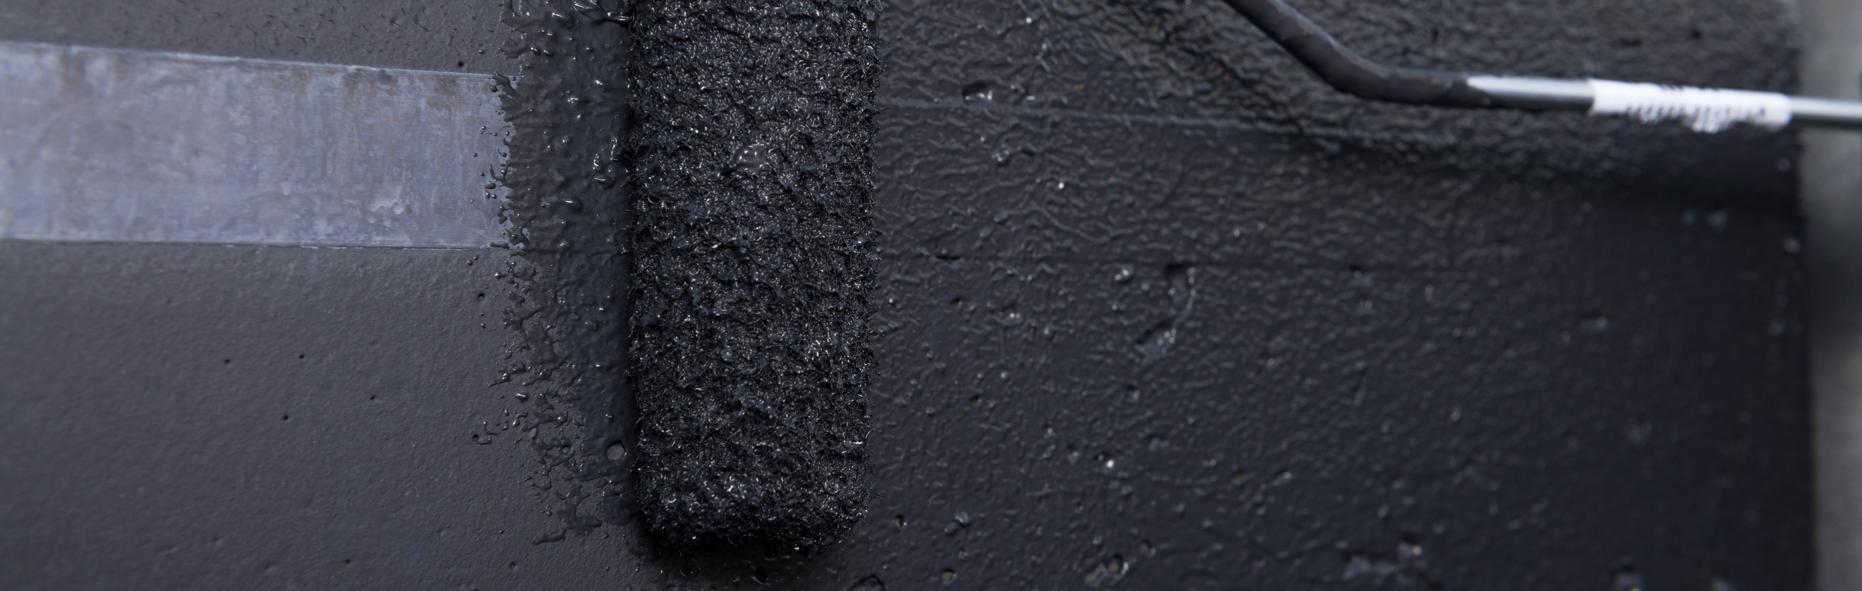 Geleidende coating anode kopen voor kathodisch bescherming van gewapend beton